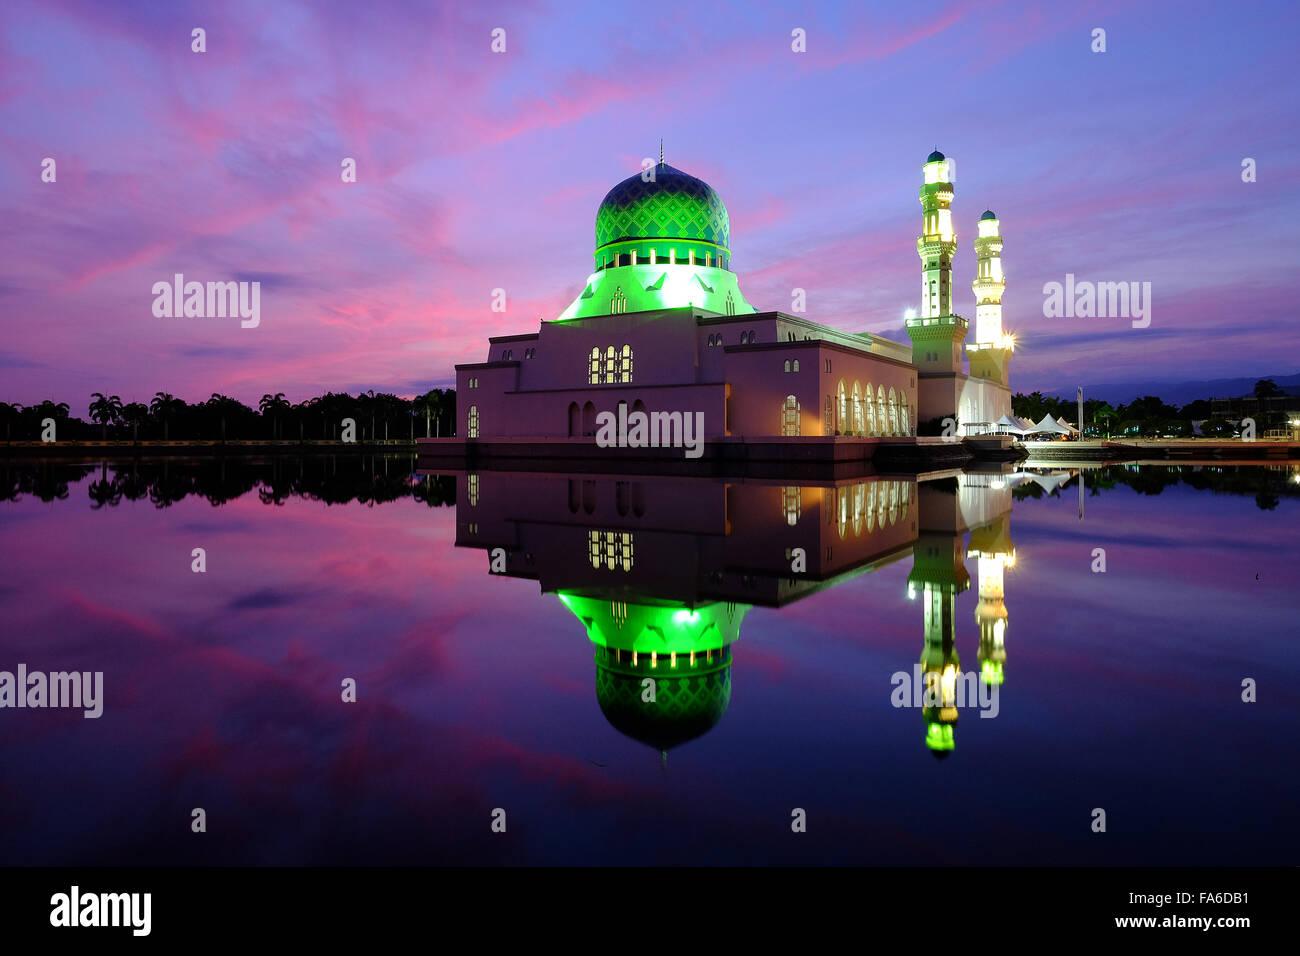 Reflection of Kota Kinabalu City Mosque at Sunrise, Sabah, Borneo, Malaysia Stock Photo